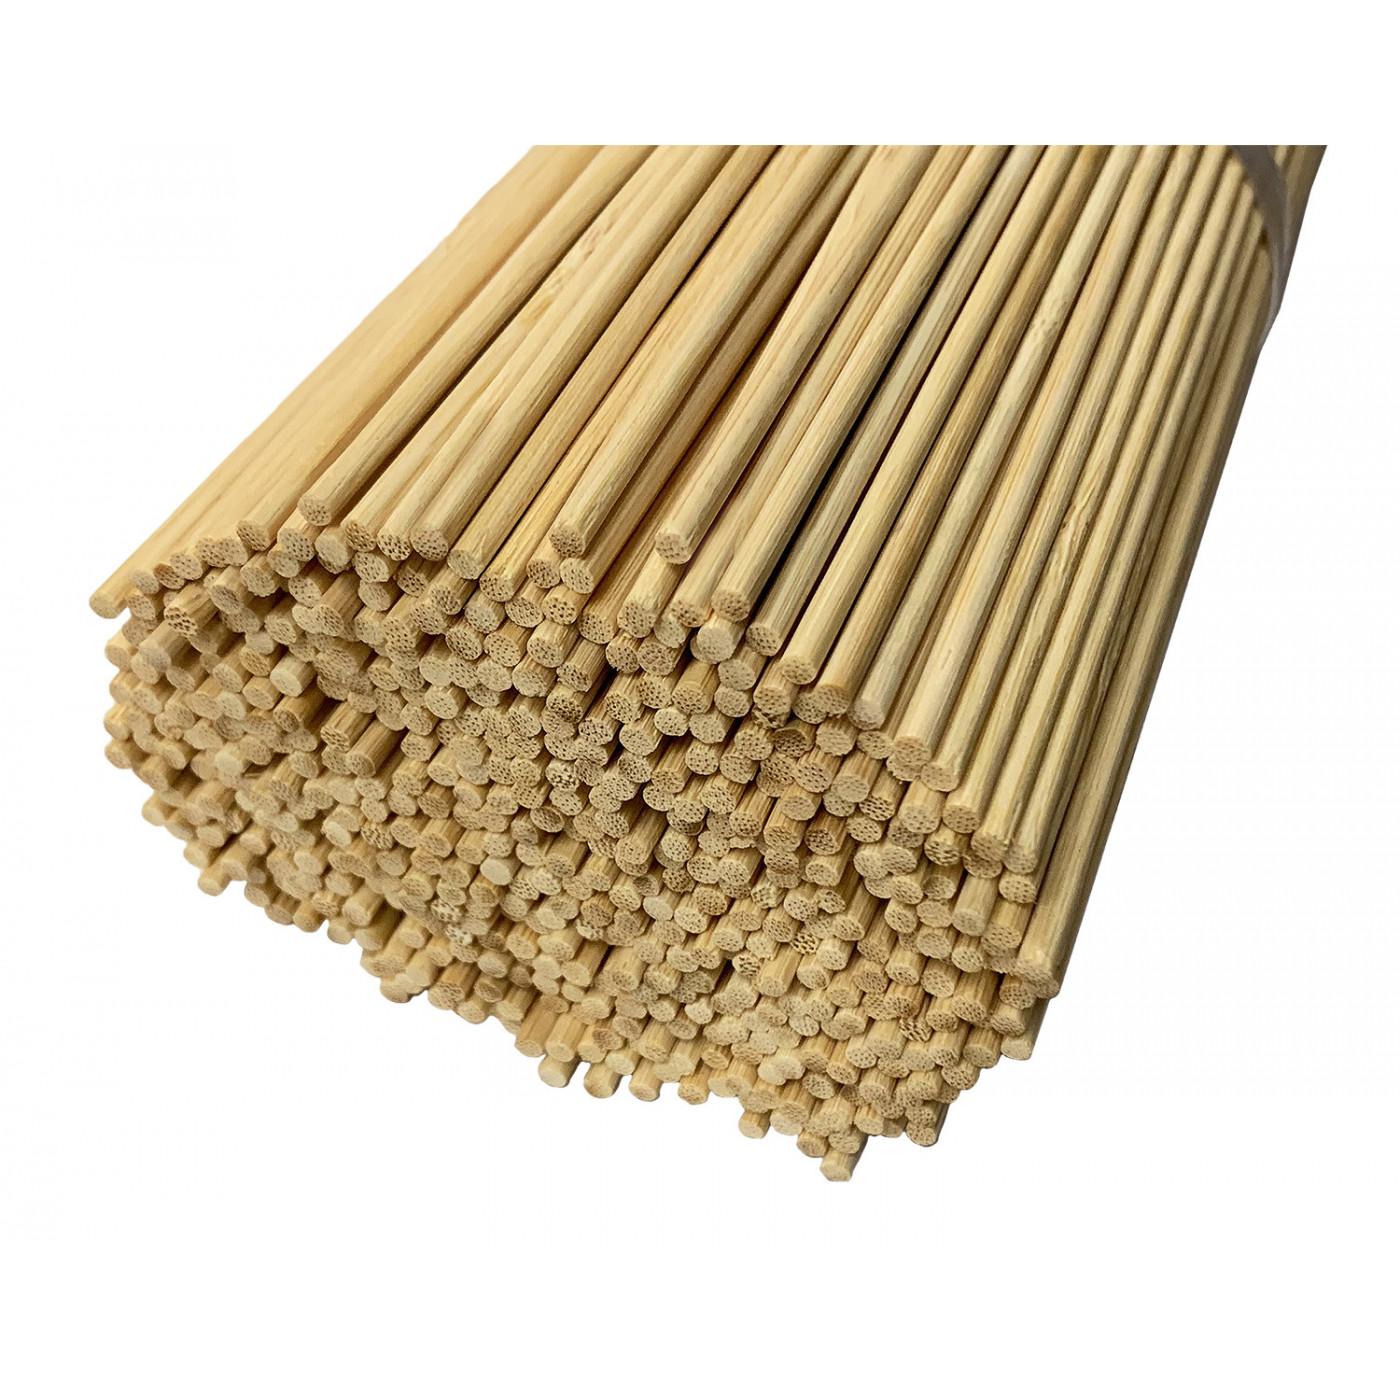 Set van 500 bamboe stokken (3 mm x 50 cm)